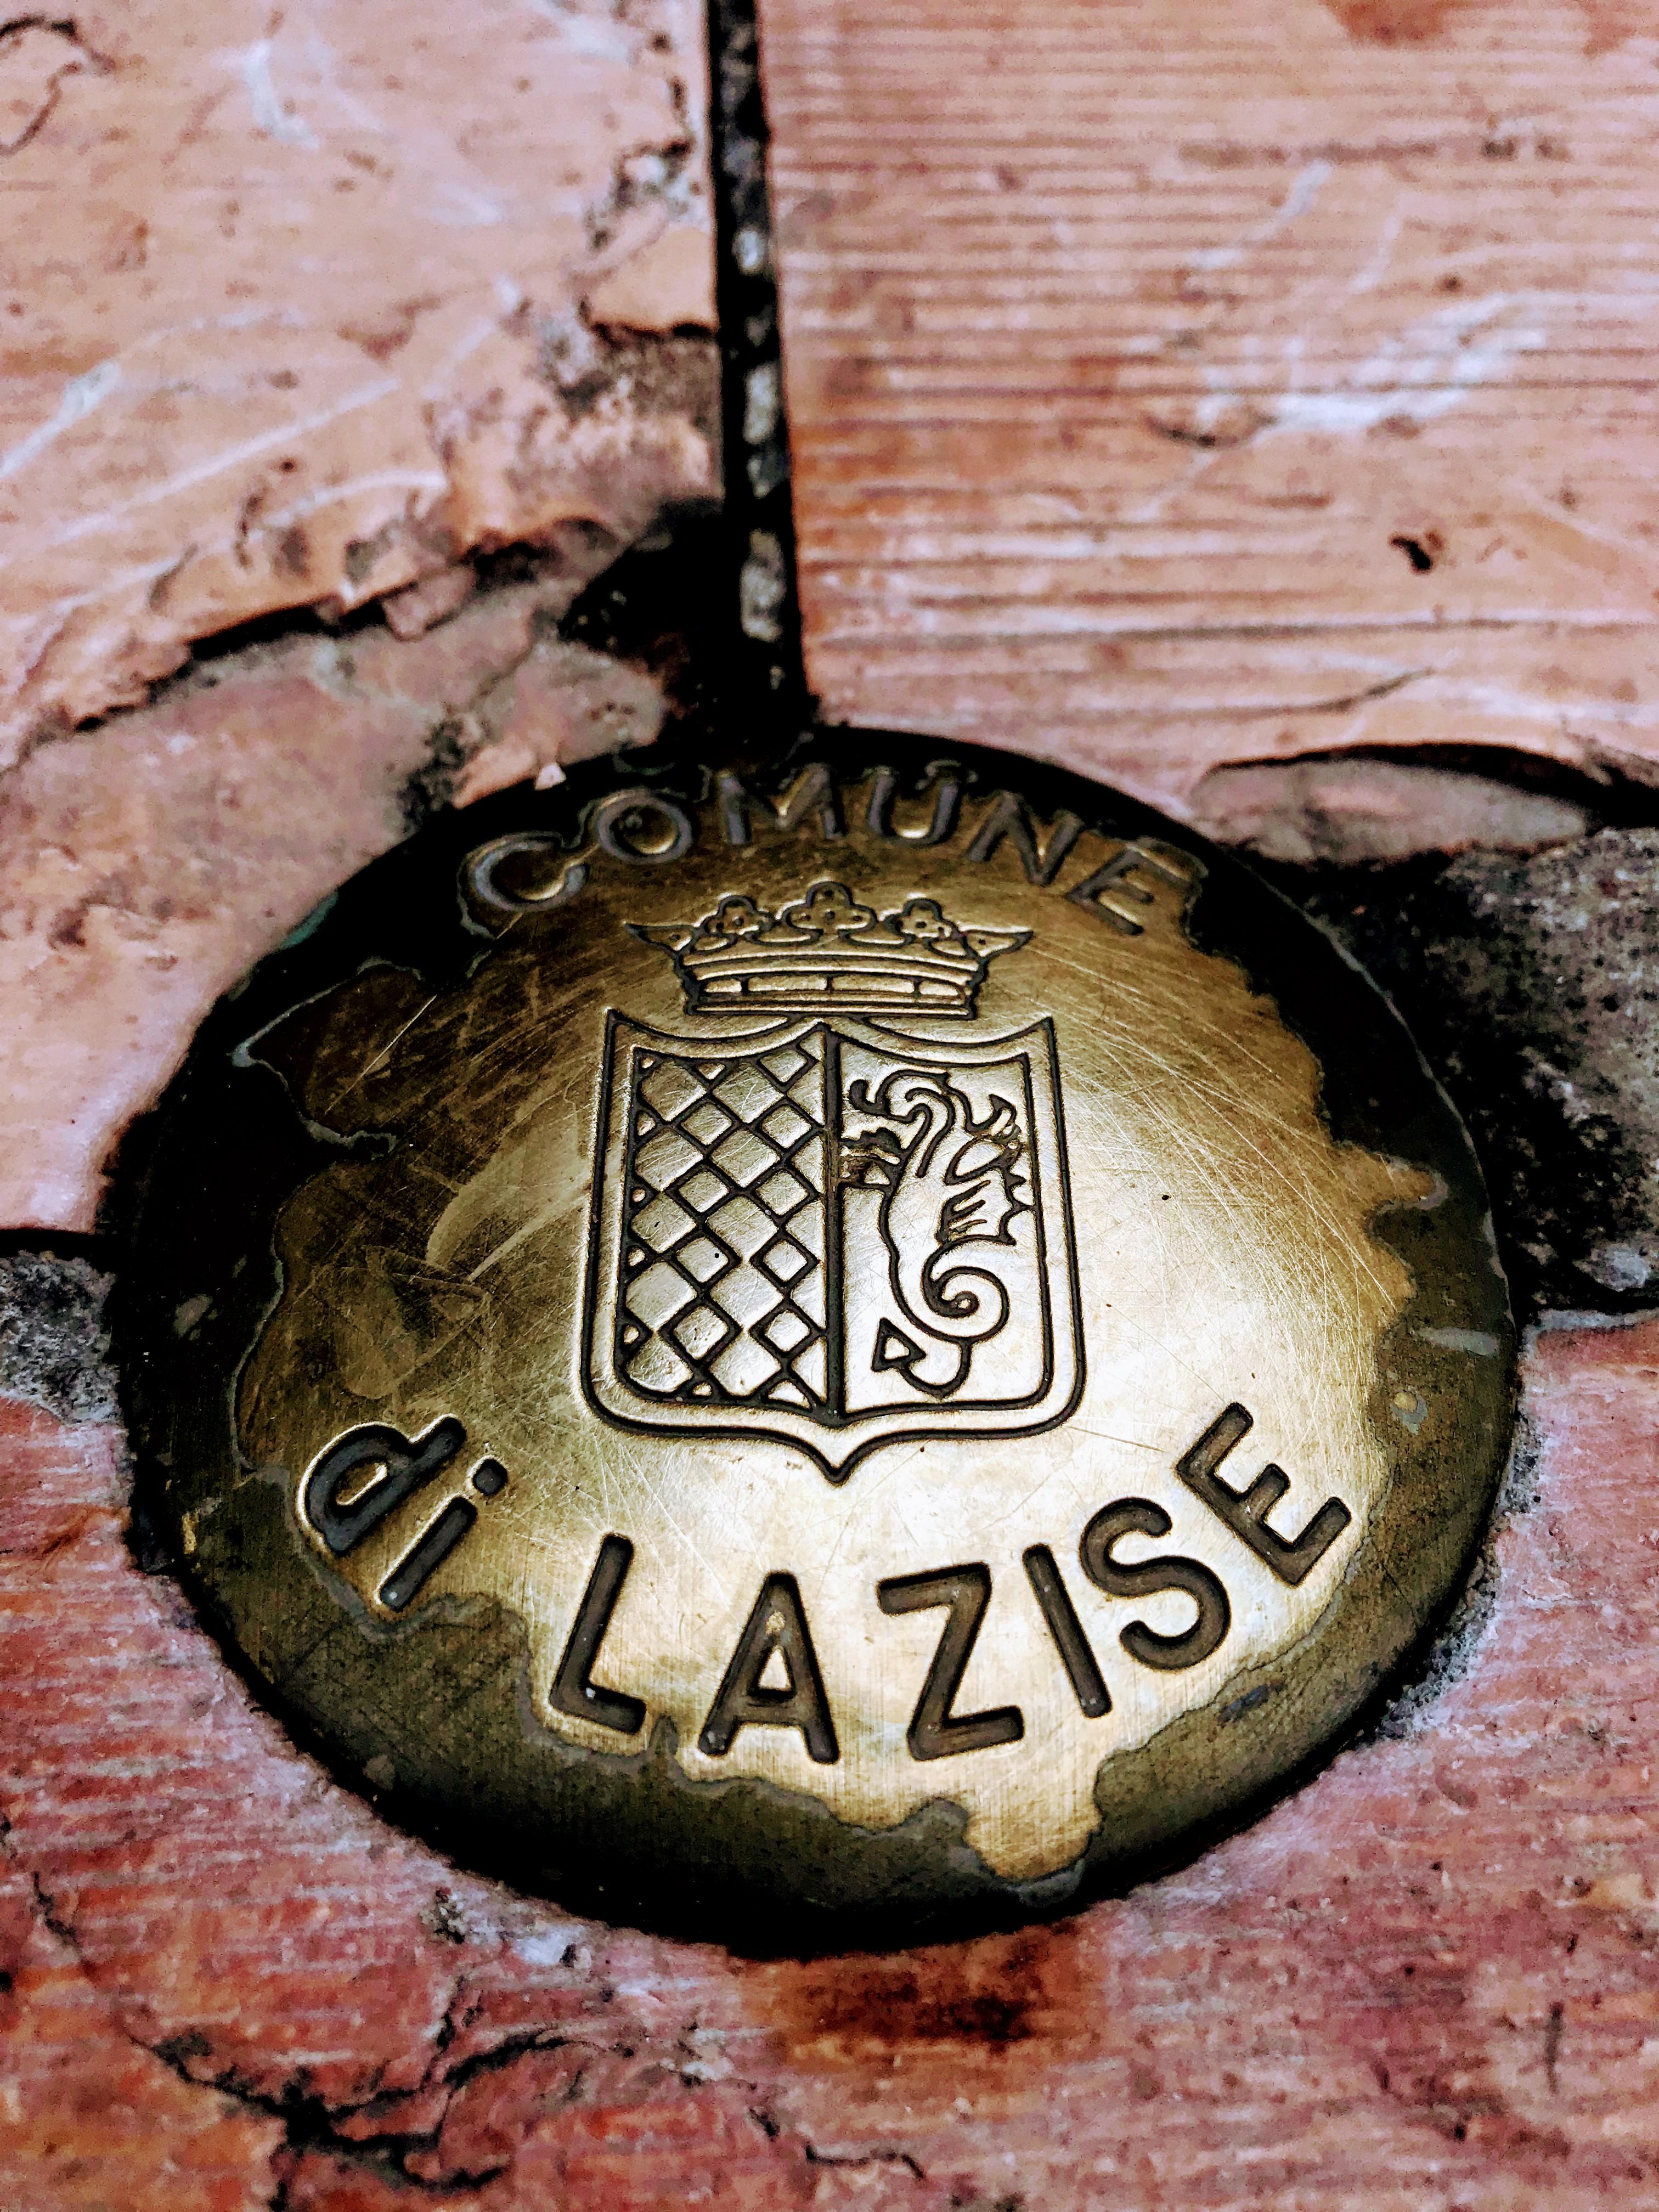 Comune di Lazise grenspaal